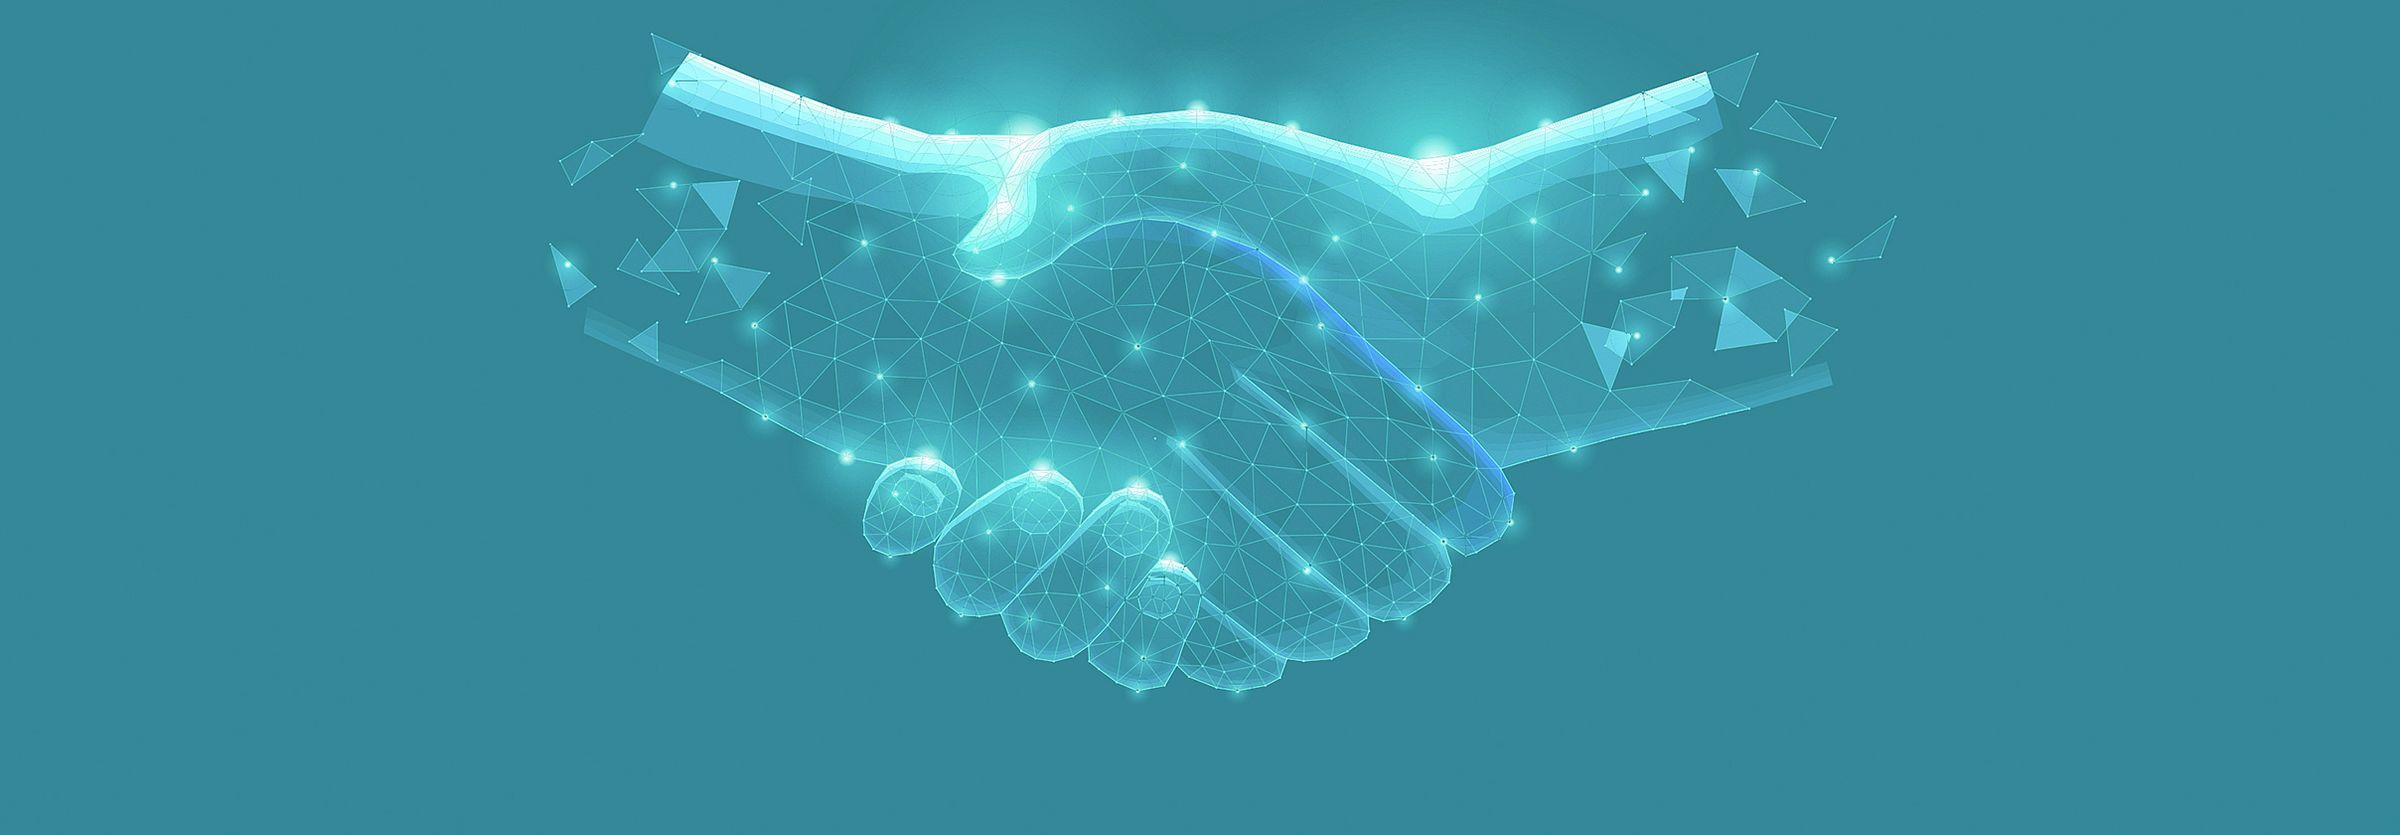 Stäubli AG - robotics-partner-portal-shaking-hands-hip@2x.jpg